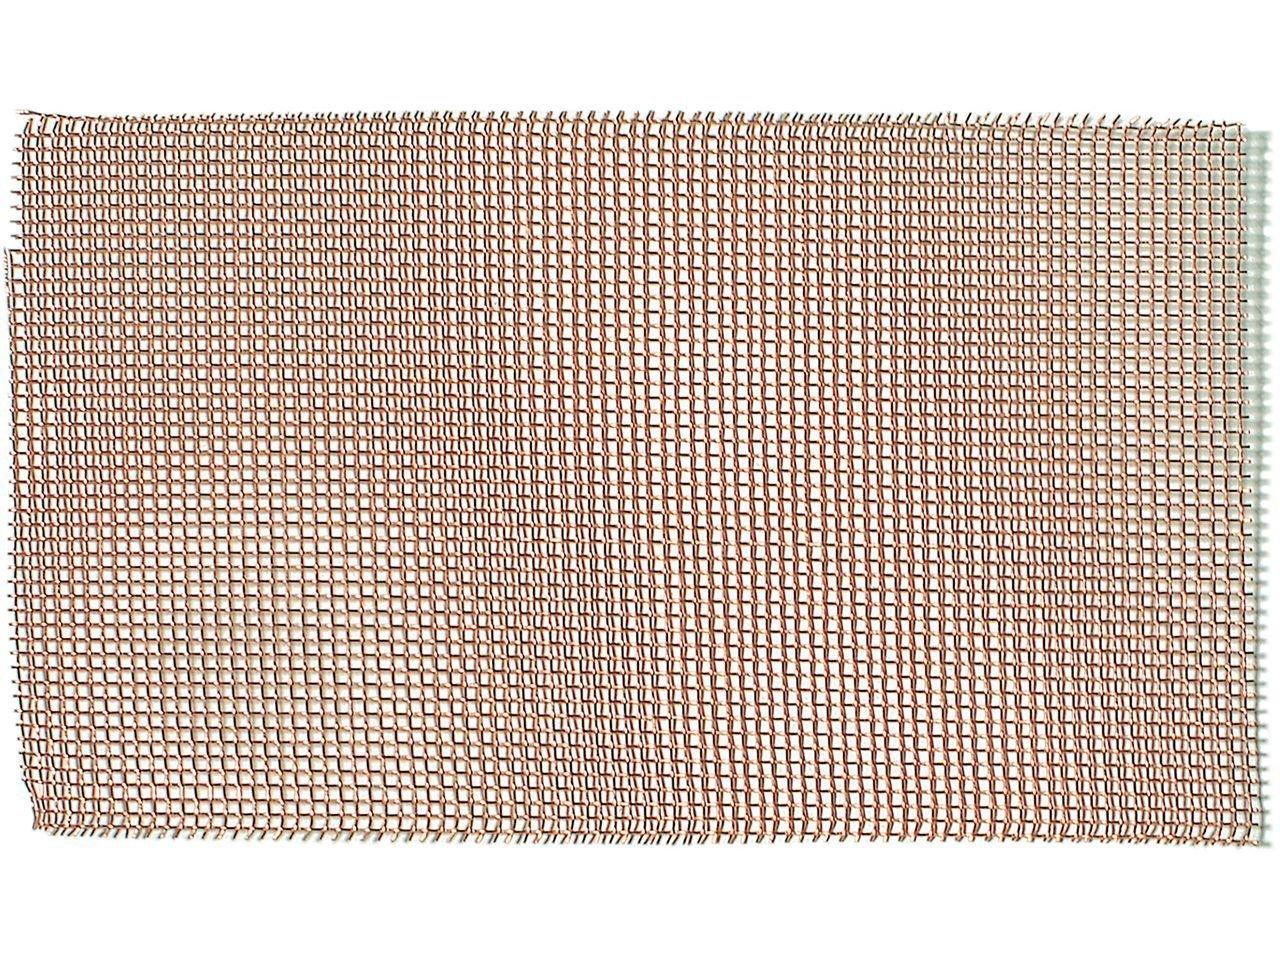 Kupferdraht ungerichtet jetzt online kaufen | Modulor